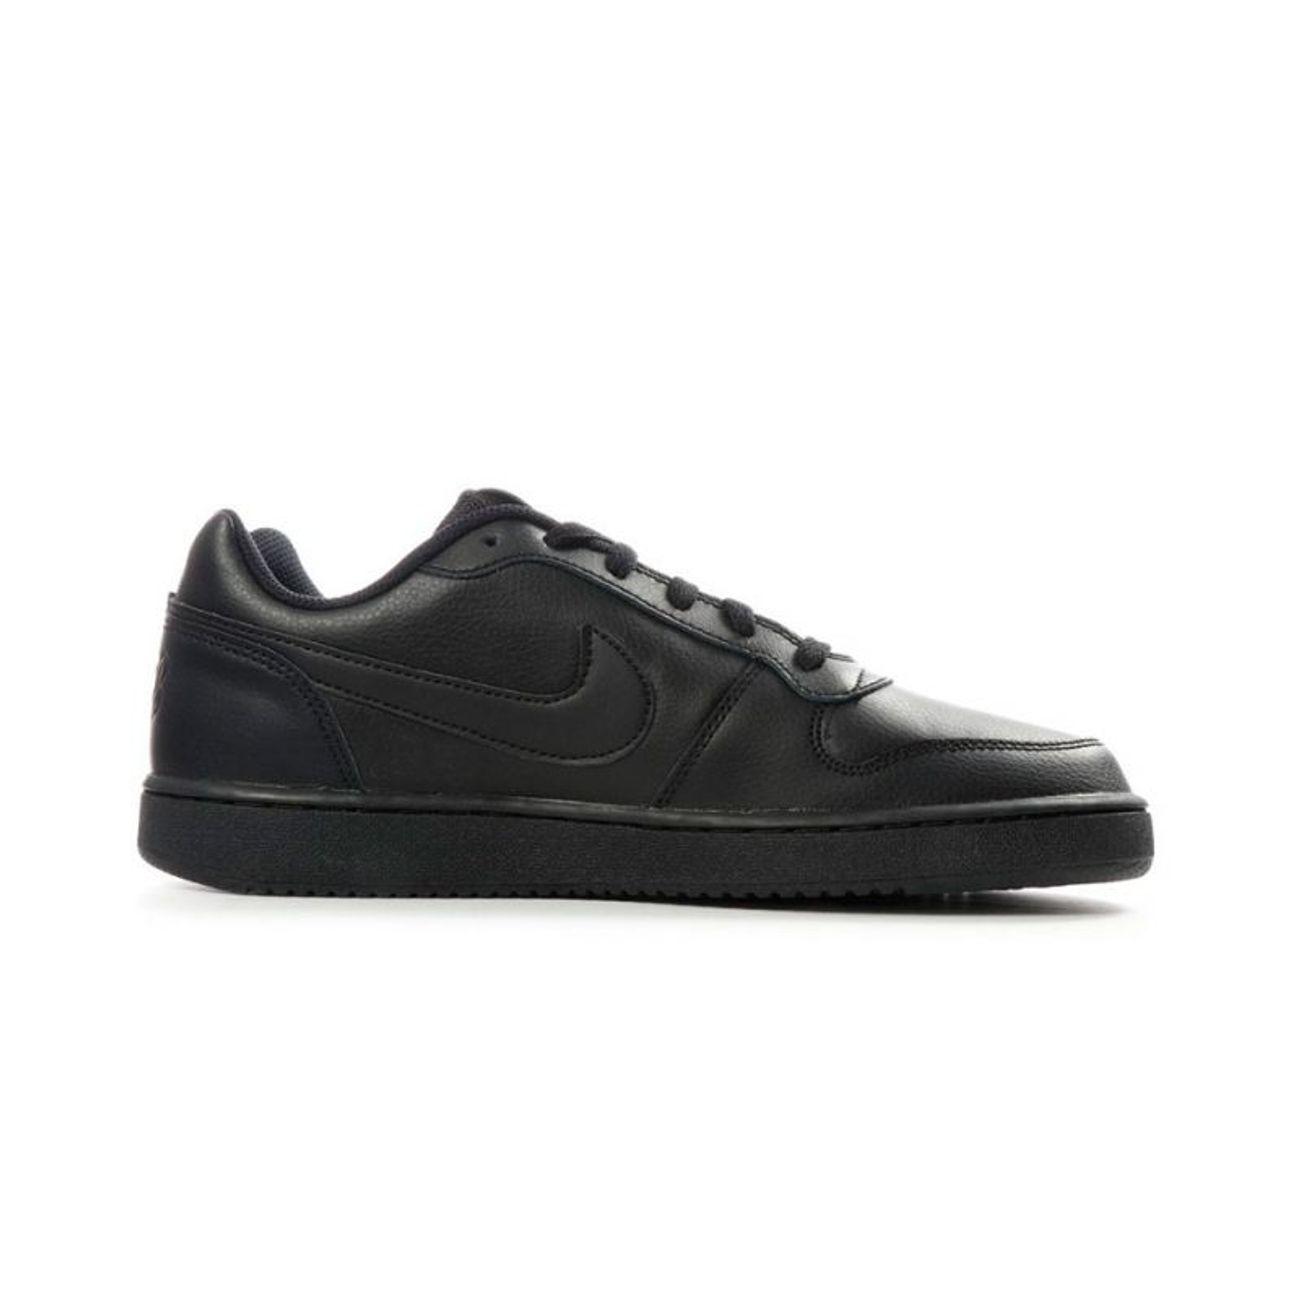 Noir Padel Low Ebernon Adulte Nike Niaq1775 003 E9HIW2YD